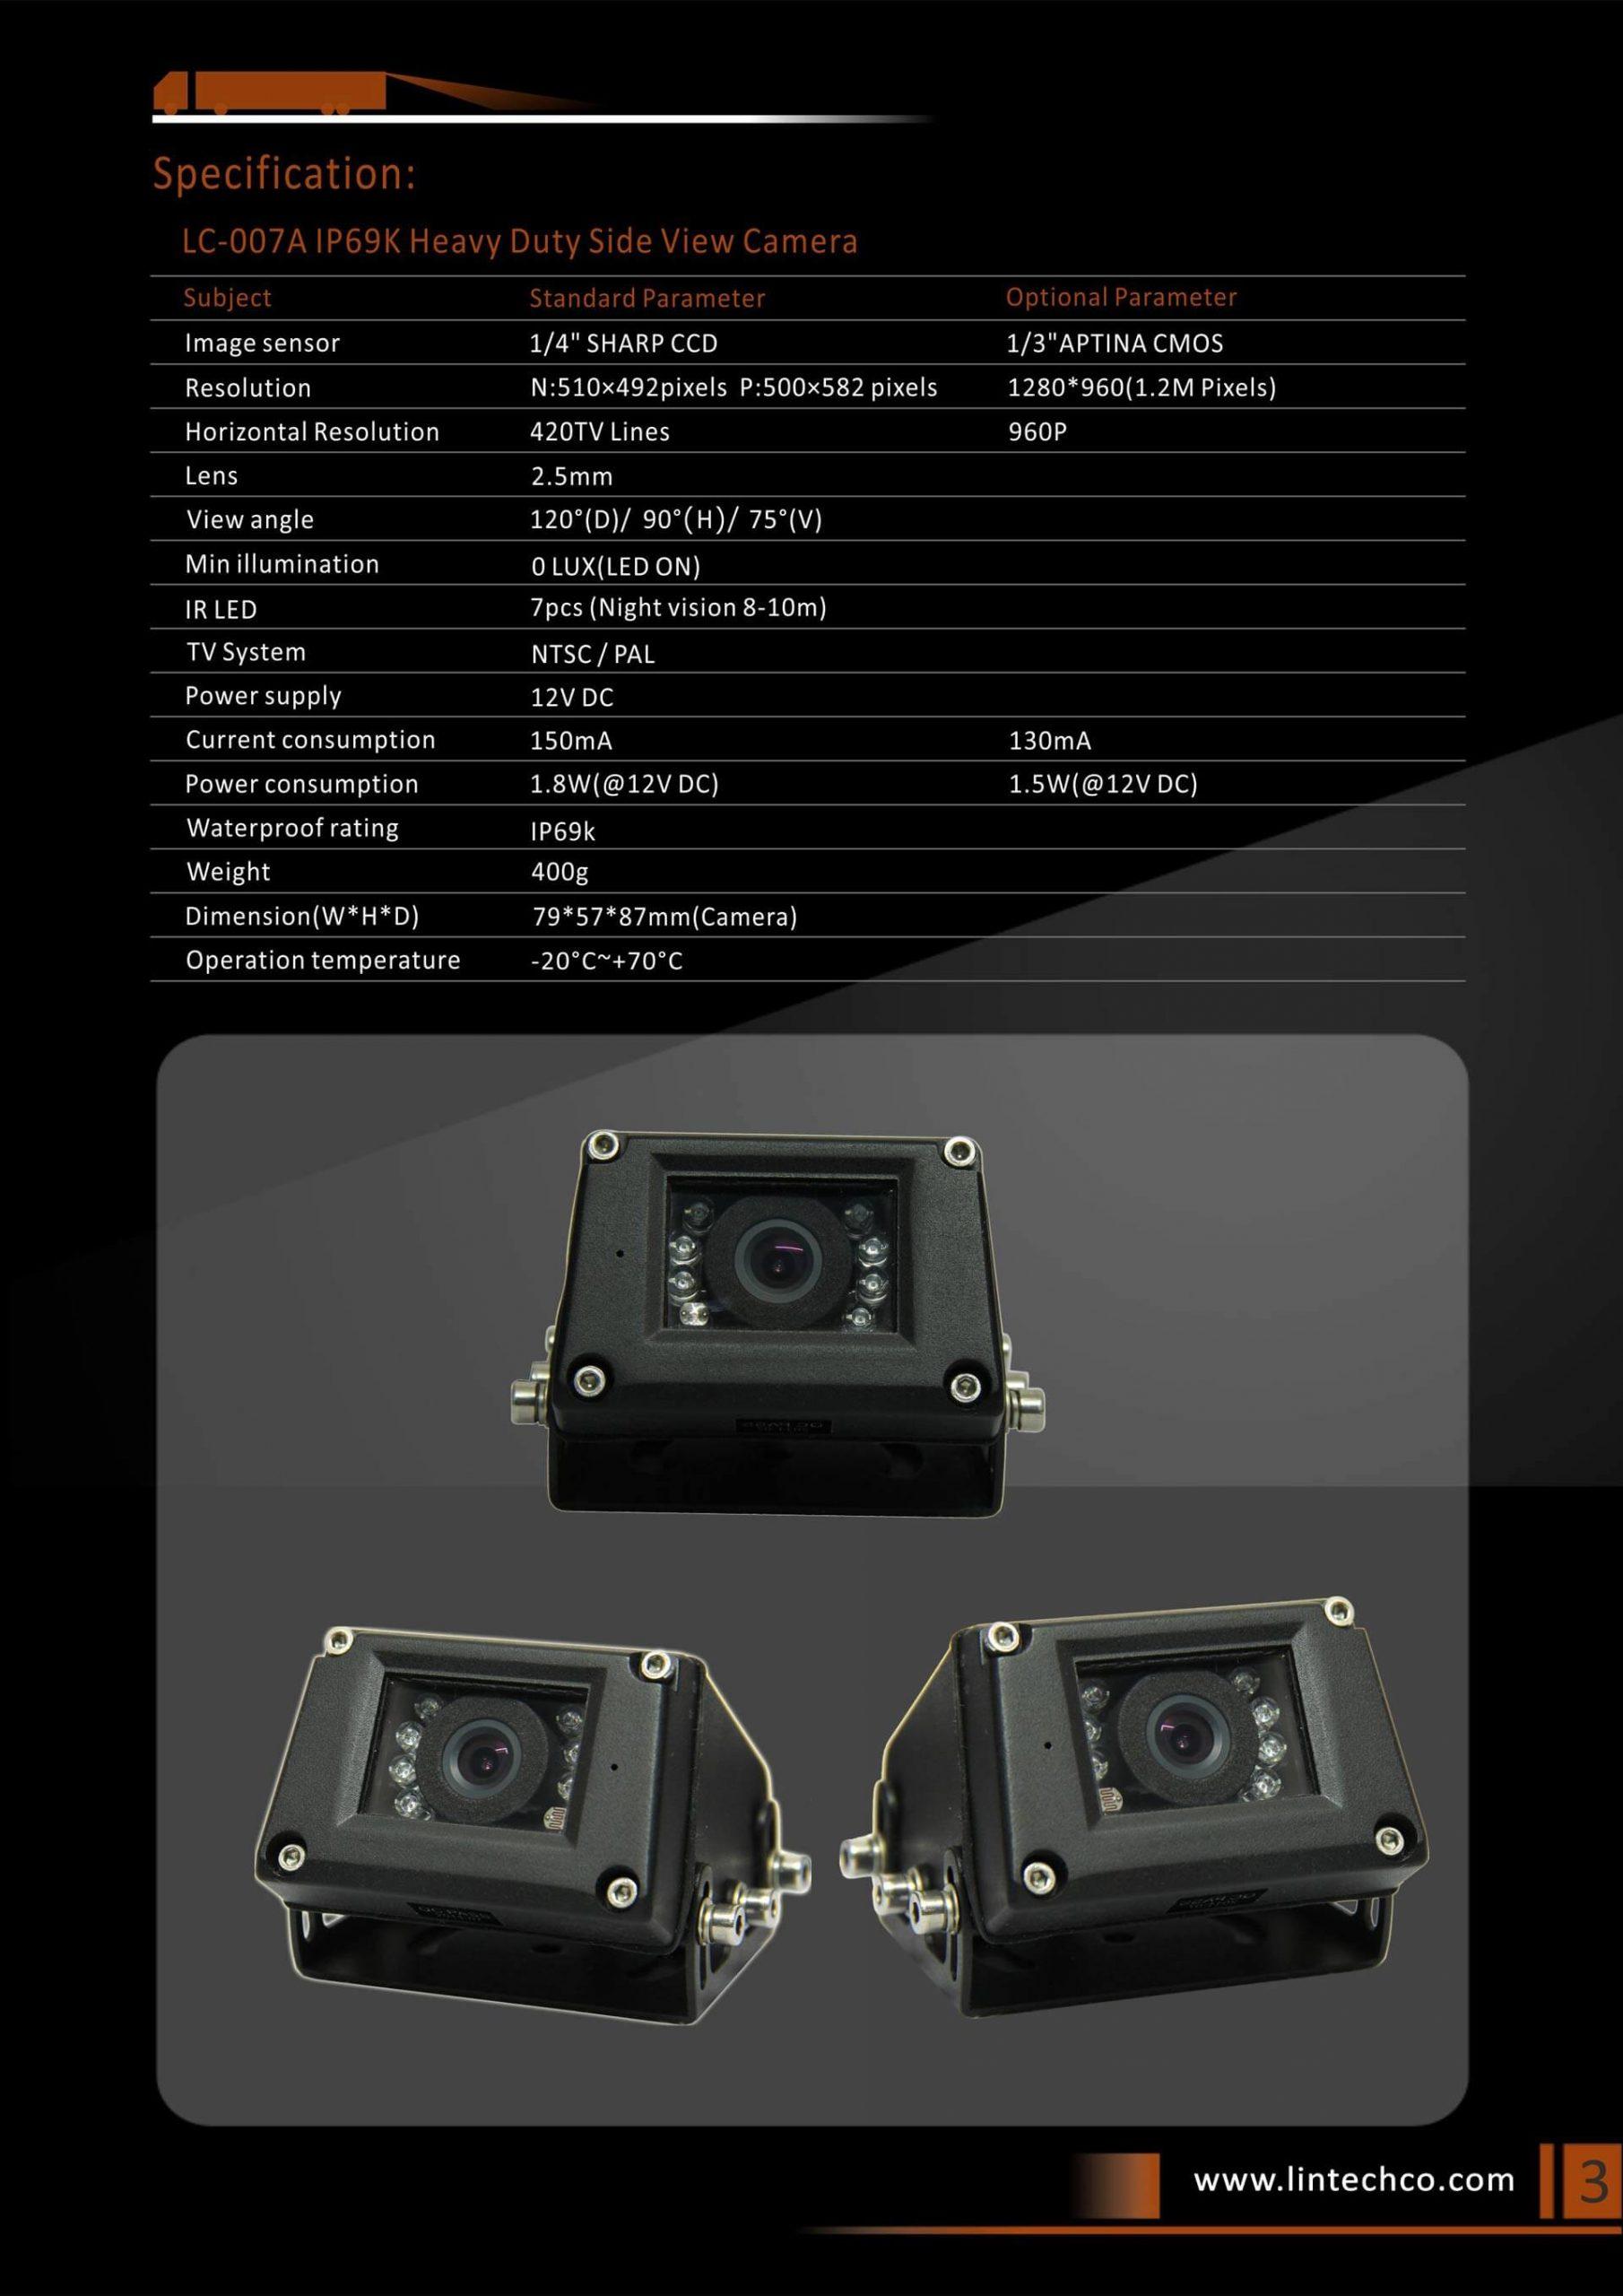 3.IP69K-Heavy-Duty-Side-View-Camera